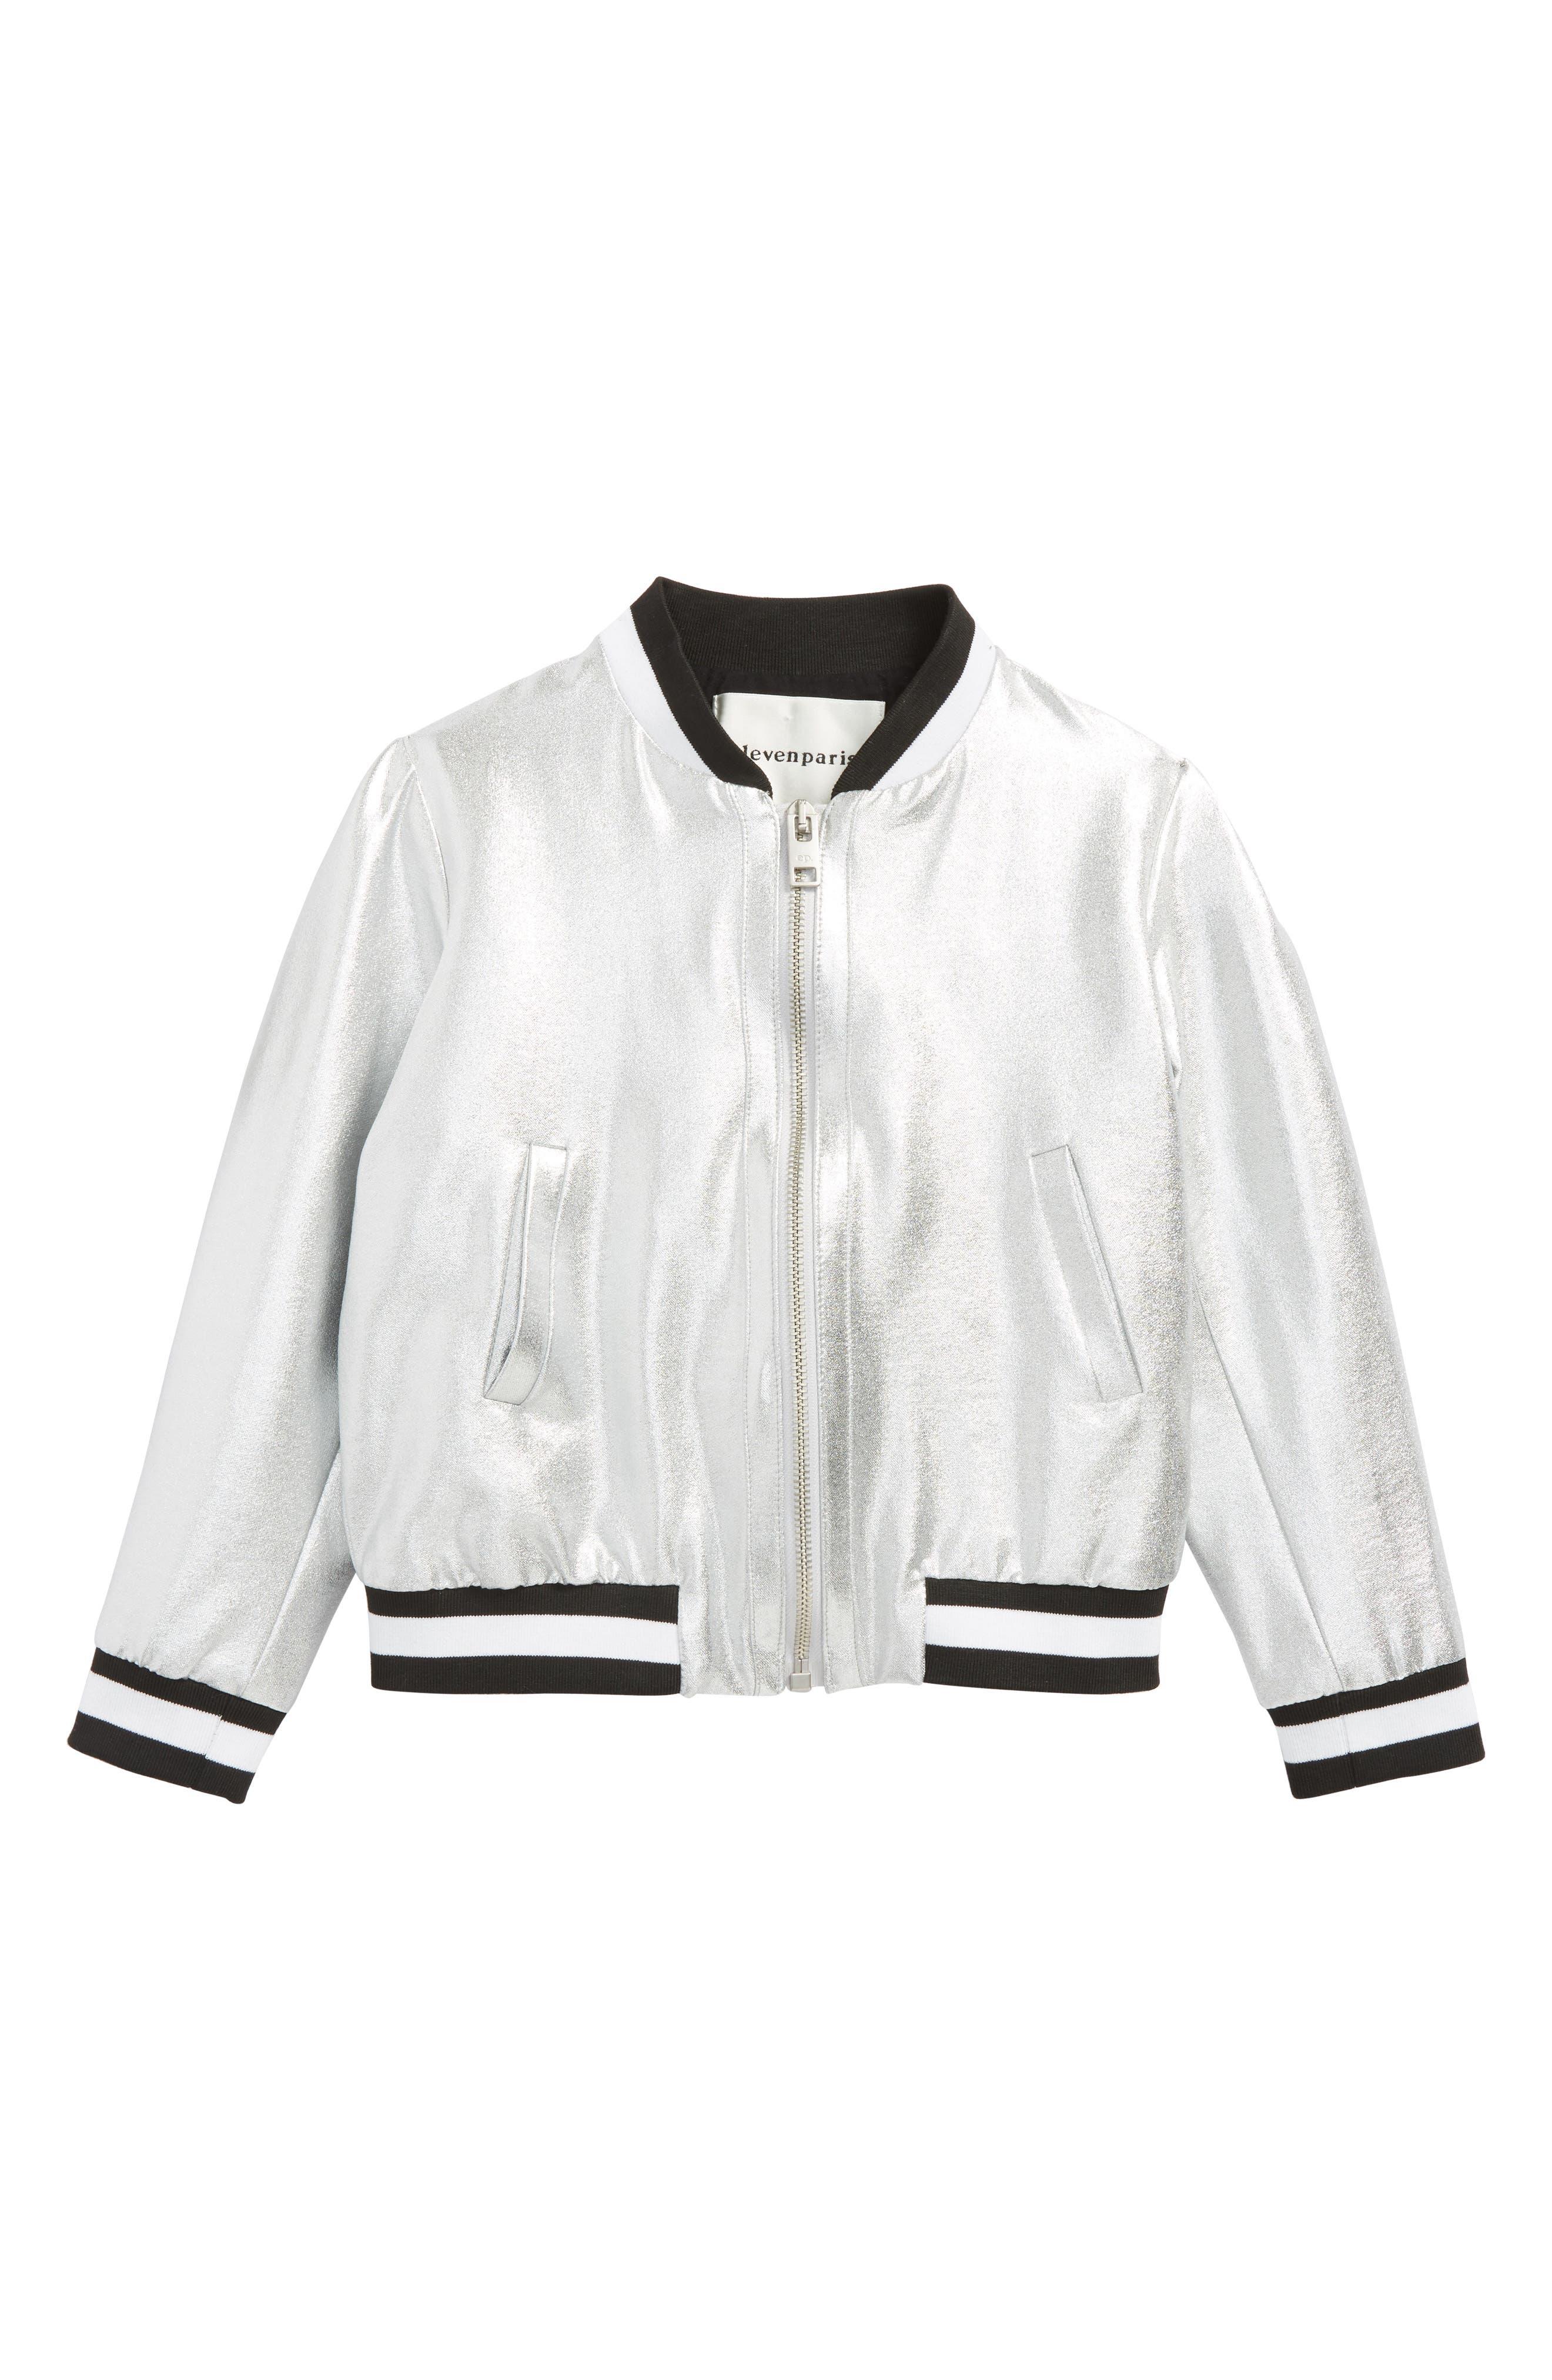 Aliver Star Bomber Jacket,                         Main,                         color, 040